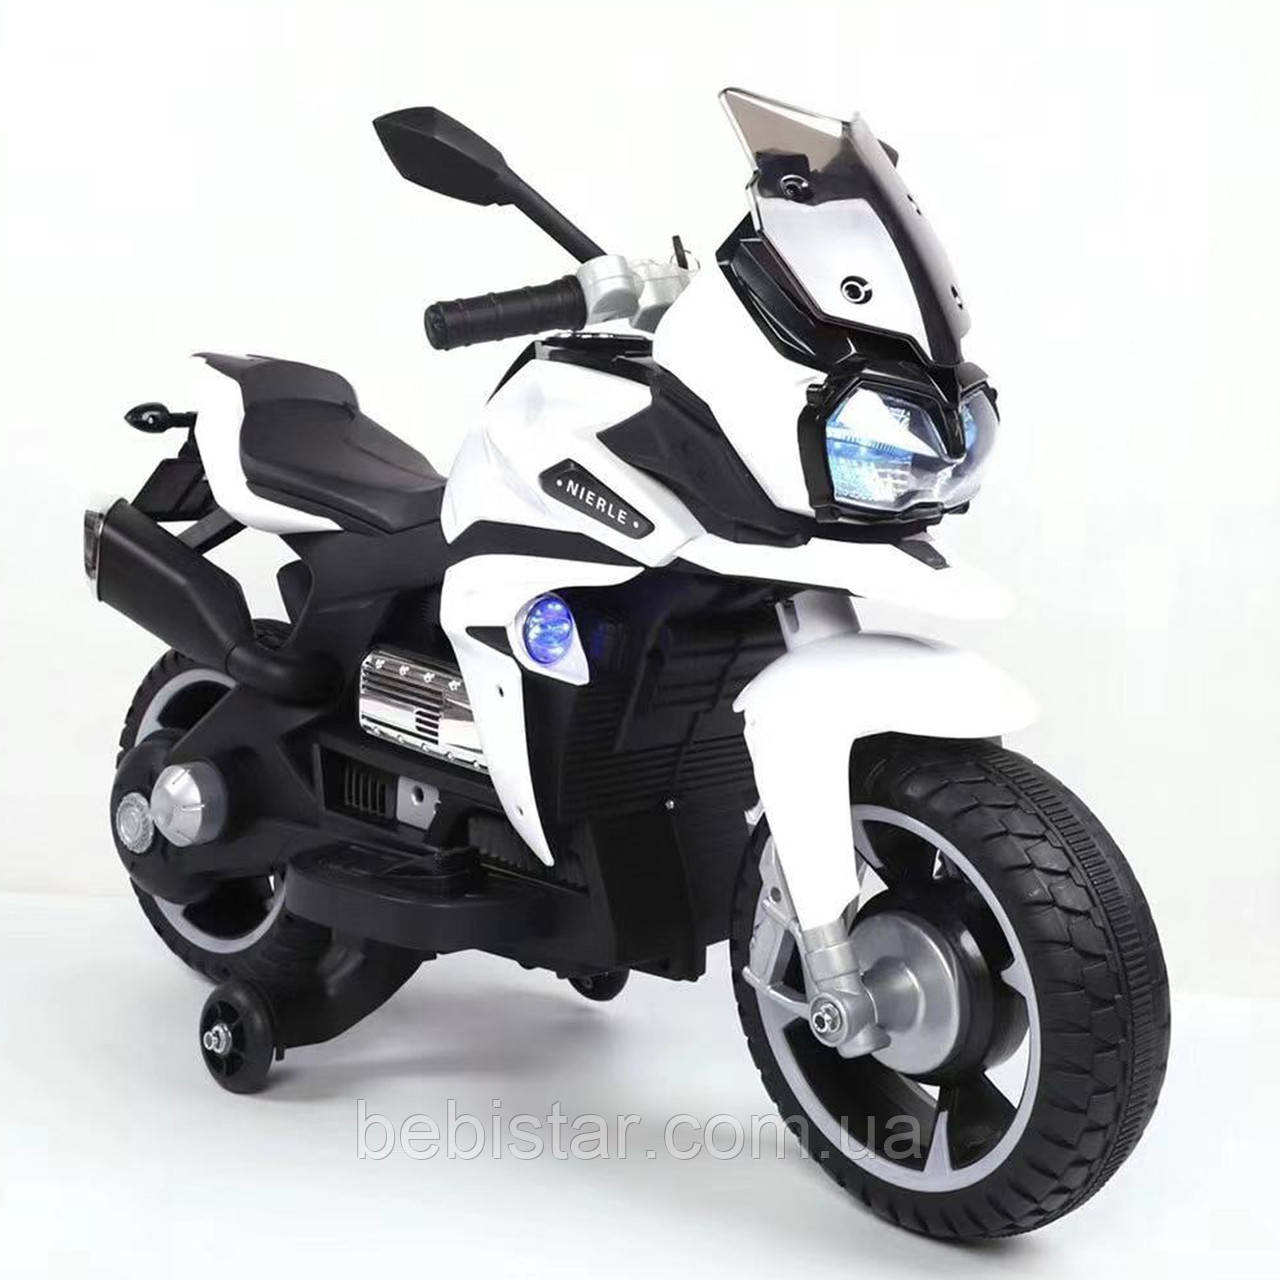 Мотоцикл акумуляторний дитячий білий від 3-х до 6-ти років світяться фари розмір 97х65х53см